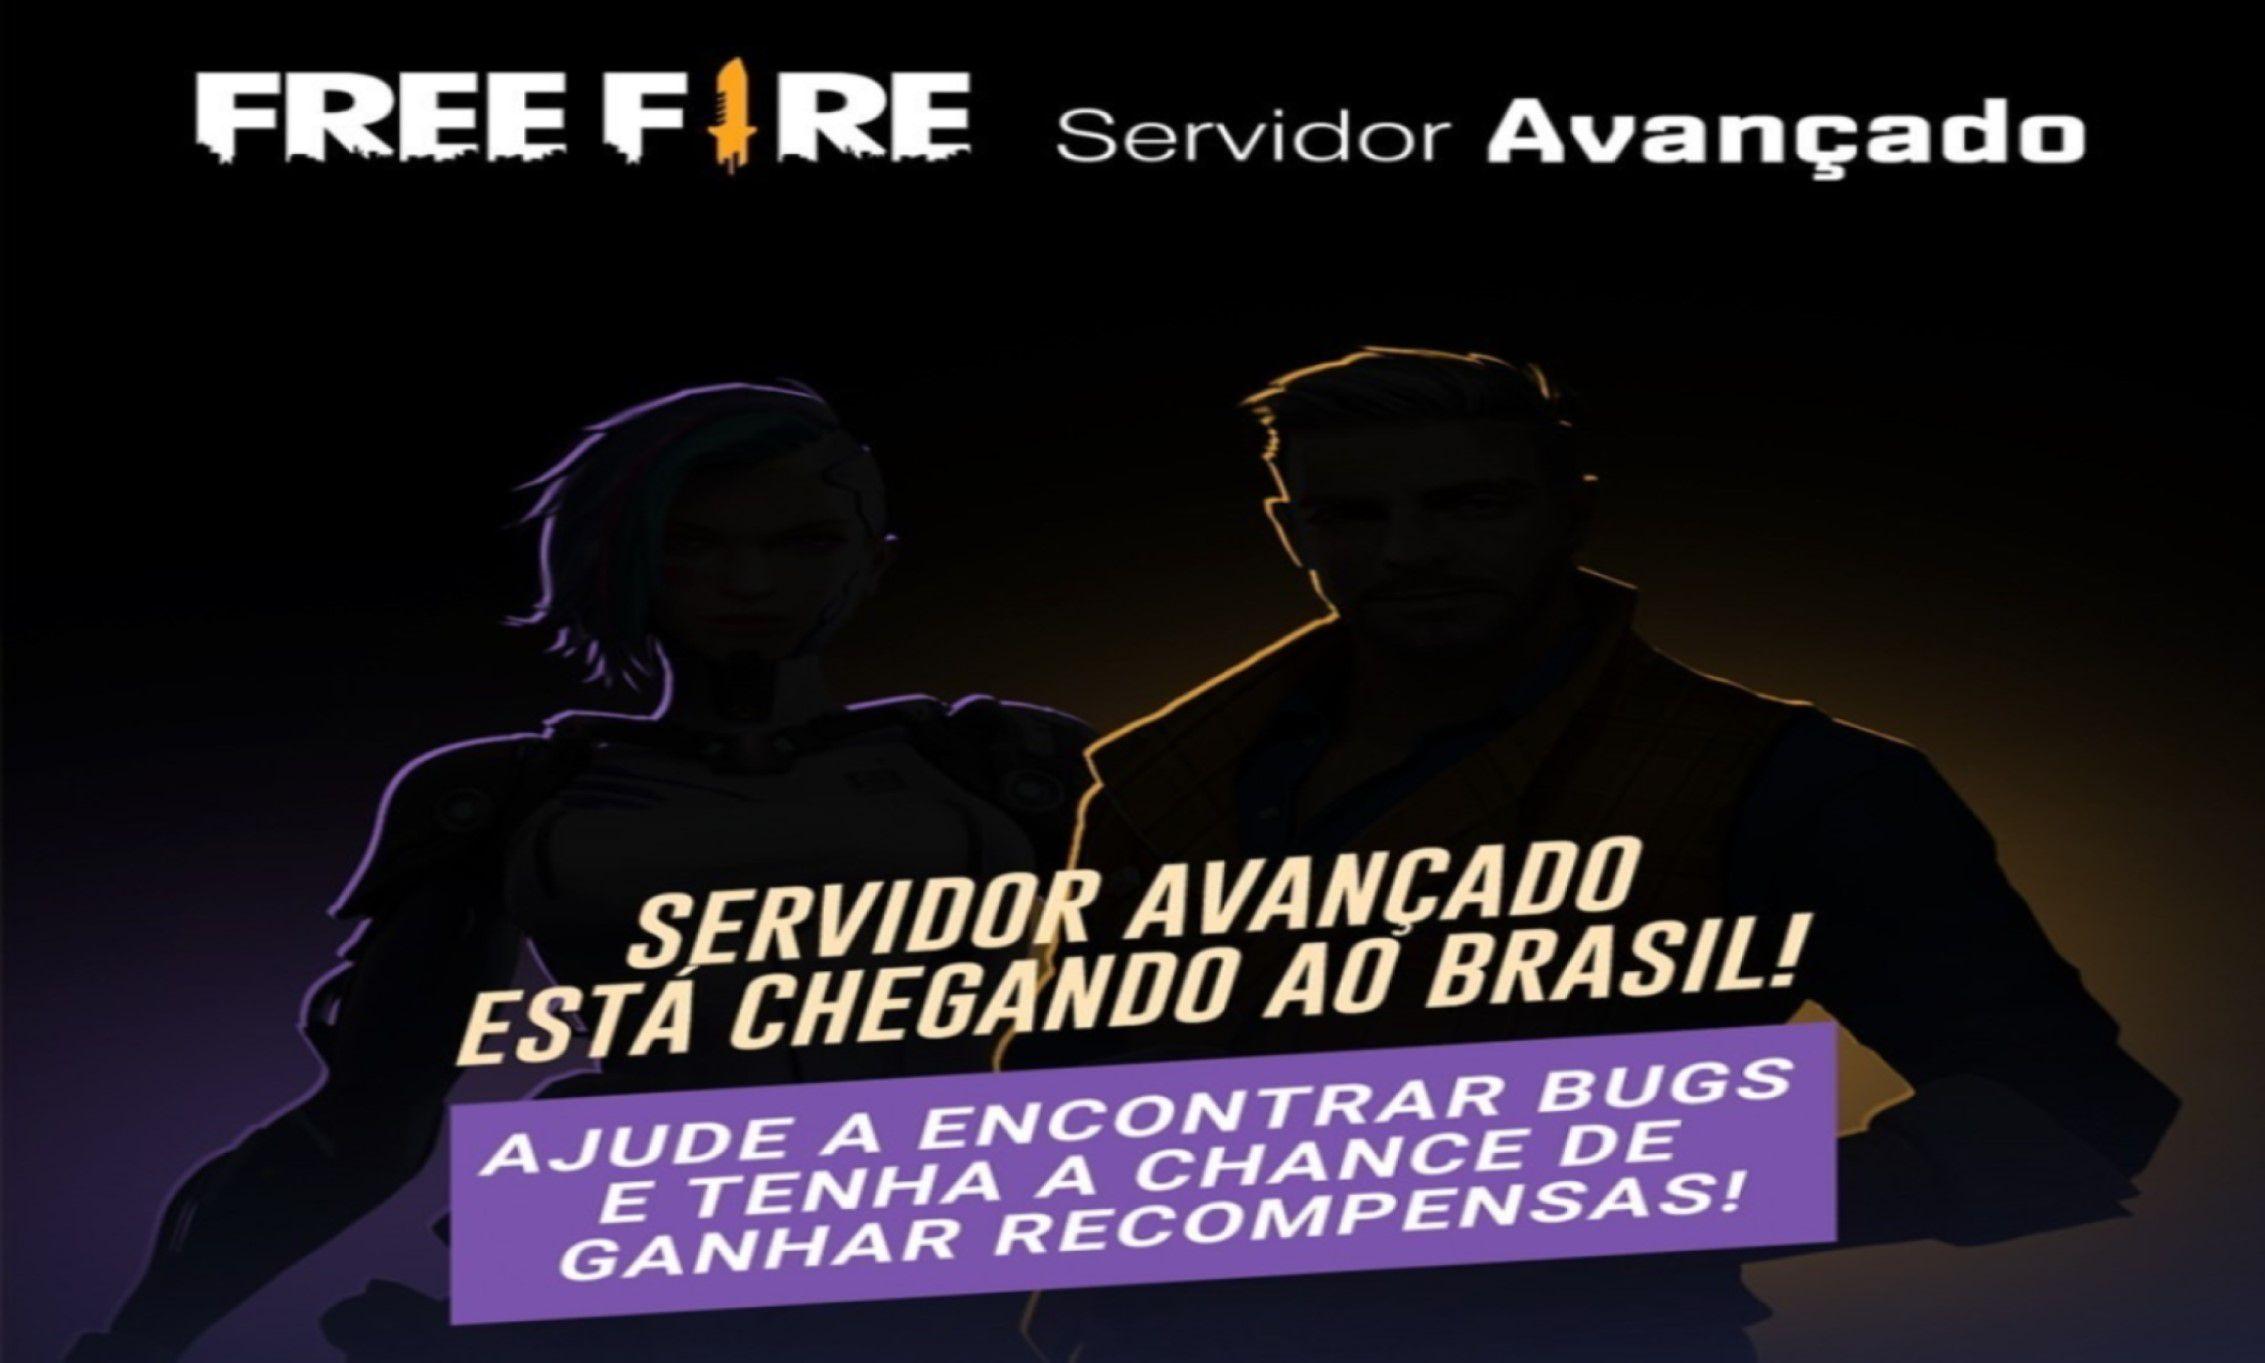 NOVO SERVIDOR AVANÇADO BRASILEIRO